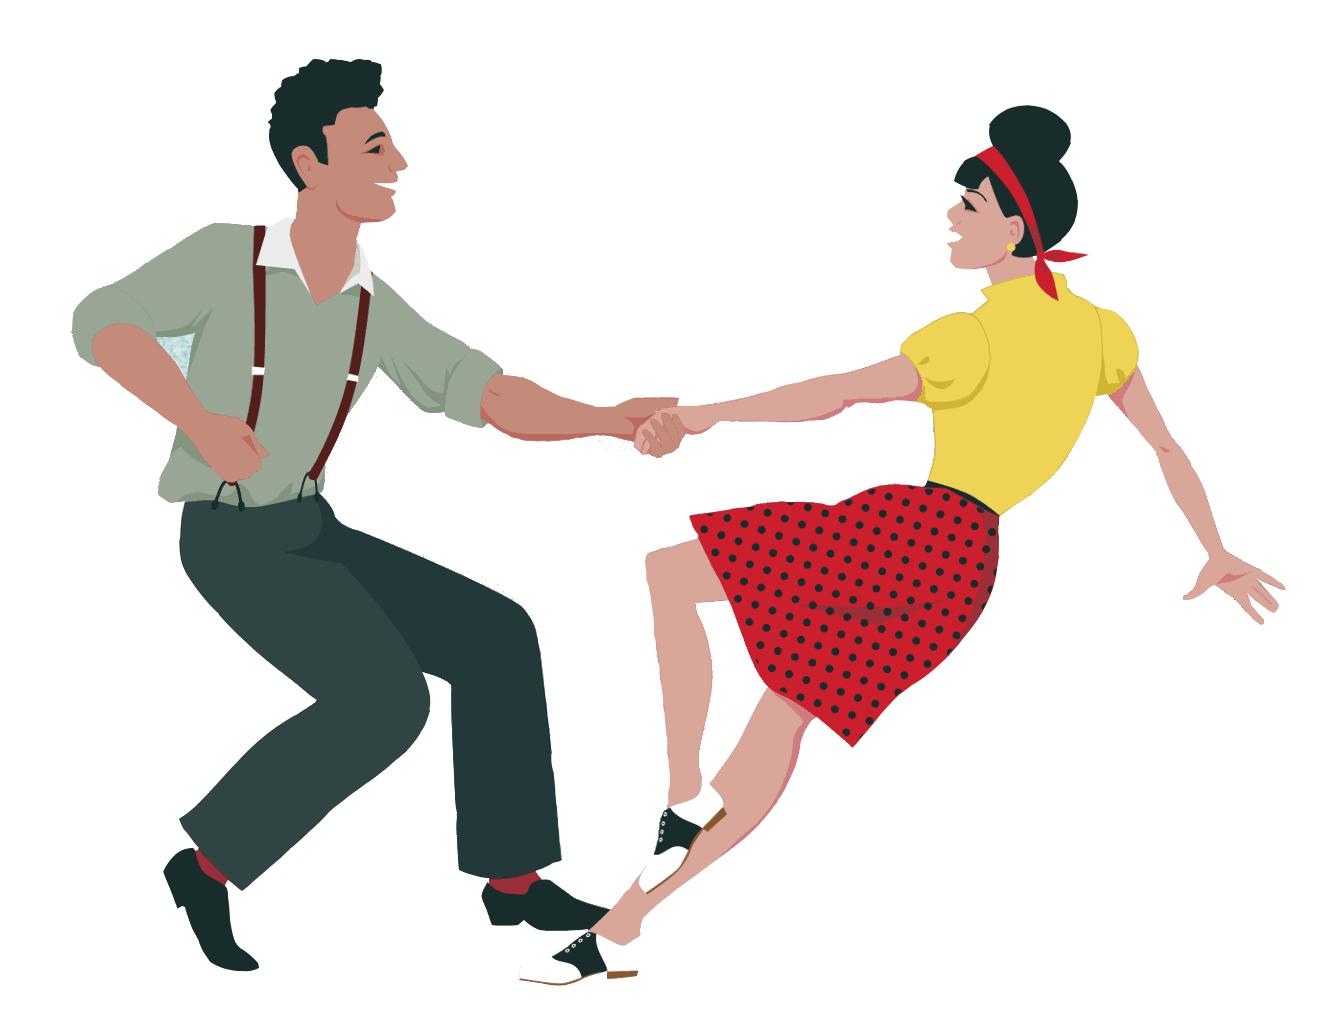 месяца твист танец картинка для то, чем